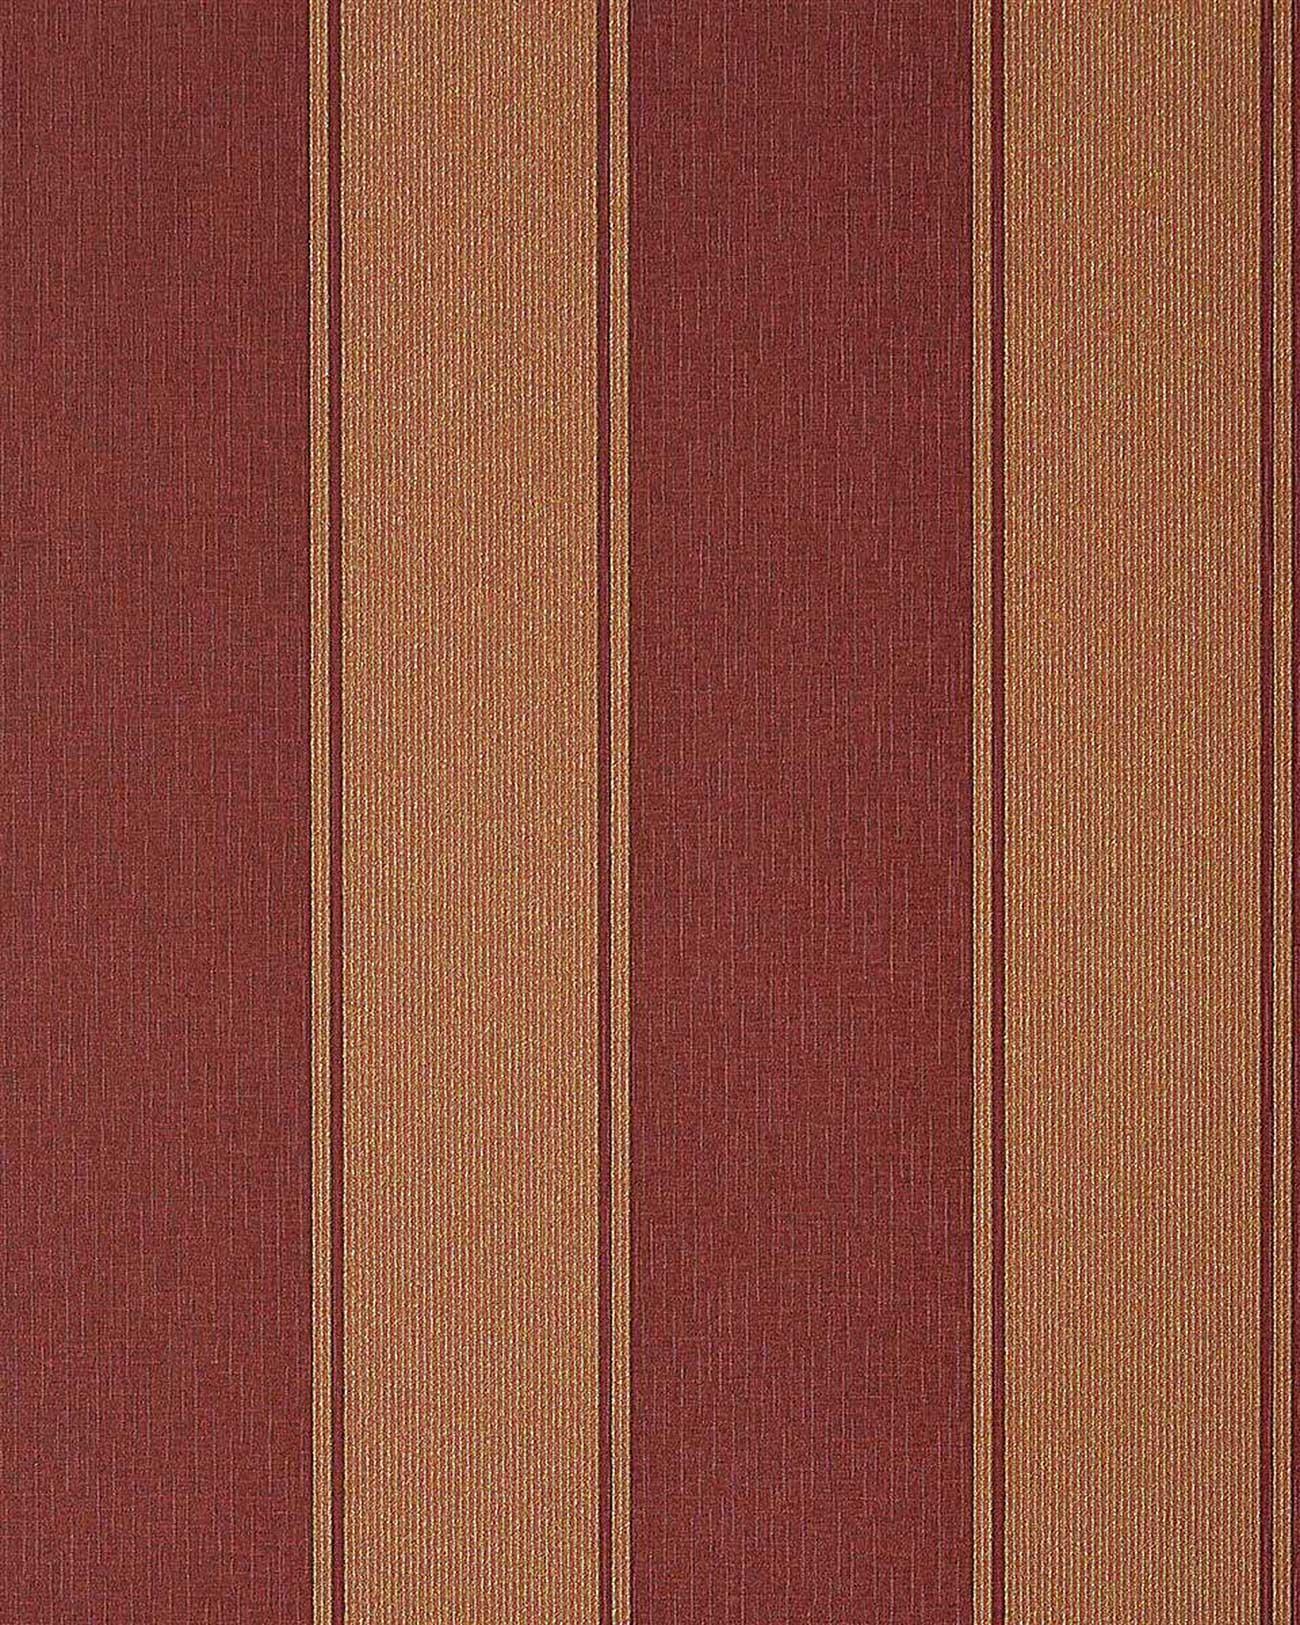 edem 753 36 hochwertige blockstreifen barock streifen tapete purpur rot gold kaufen bei. Black Bedroom Furniture Sets. Home Design Ideas